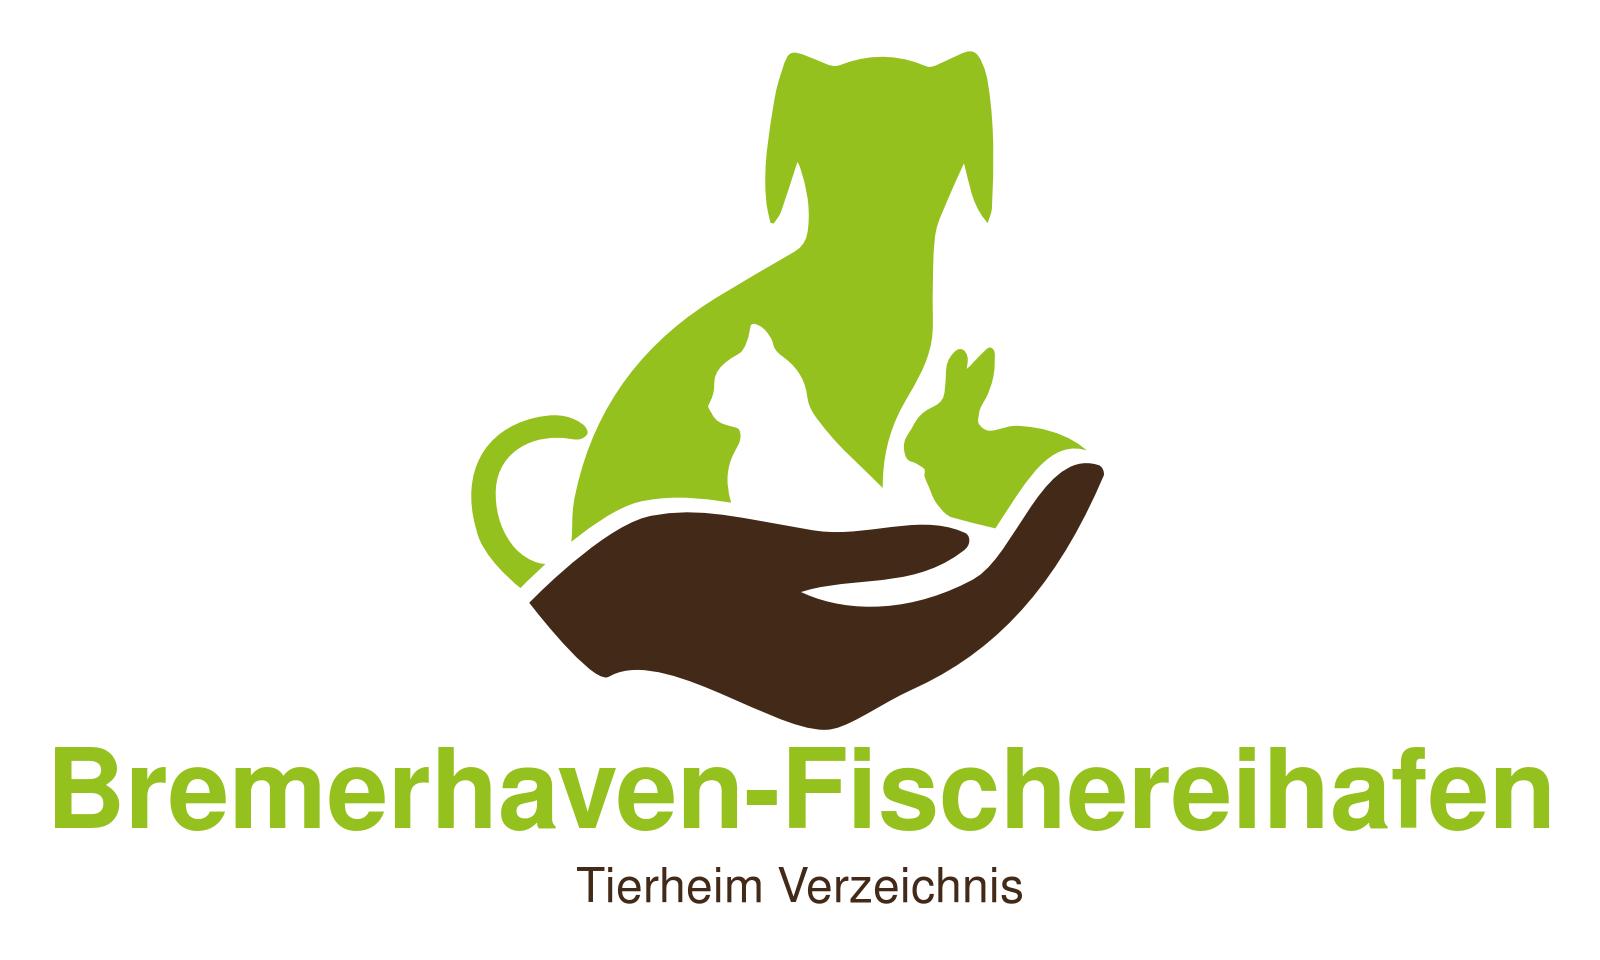 Tierheim Bremerhaven Fischereihafen